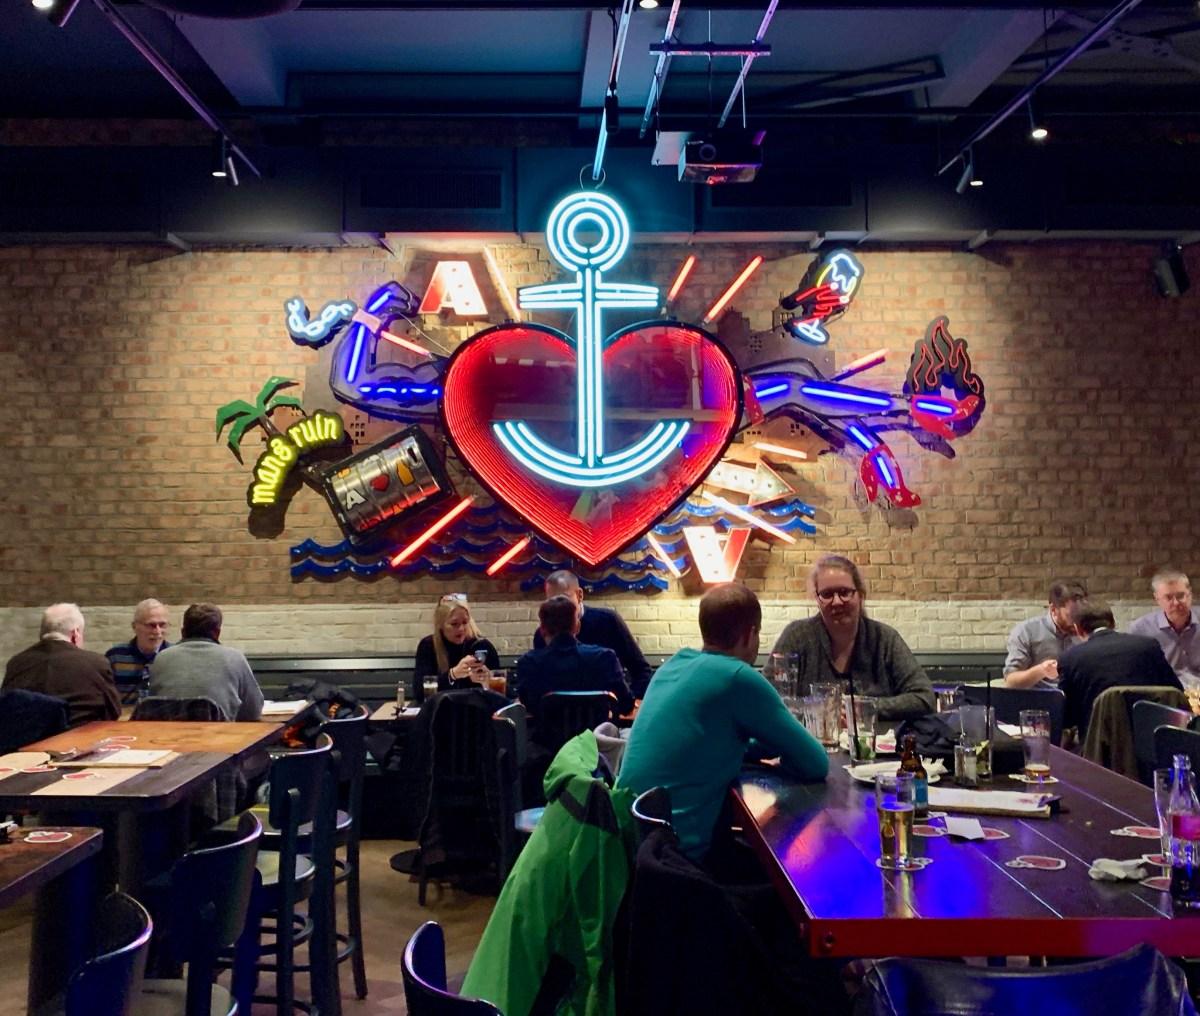 Astra Brauerei: Wand-Neon